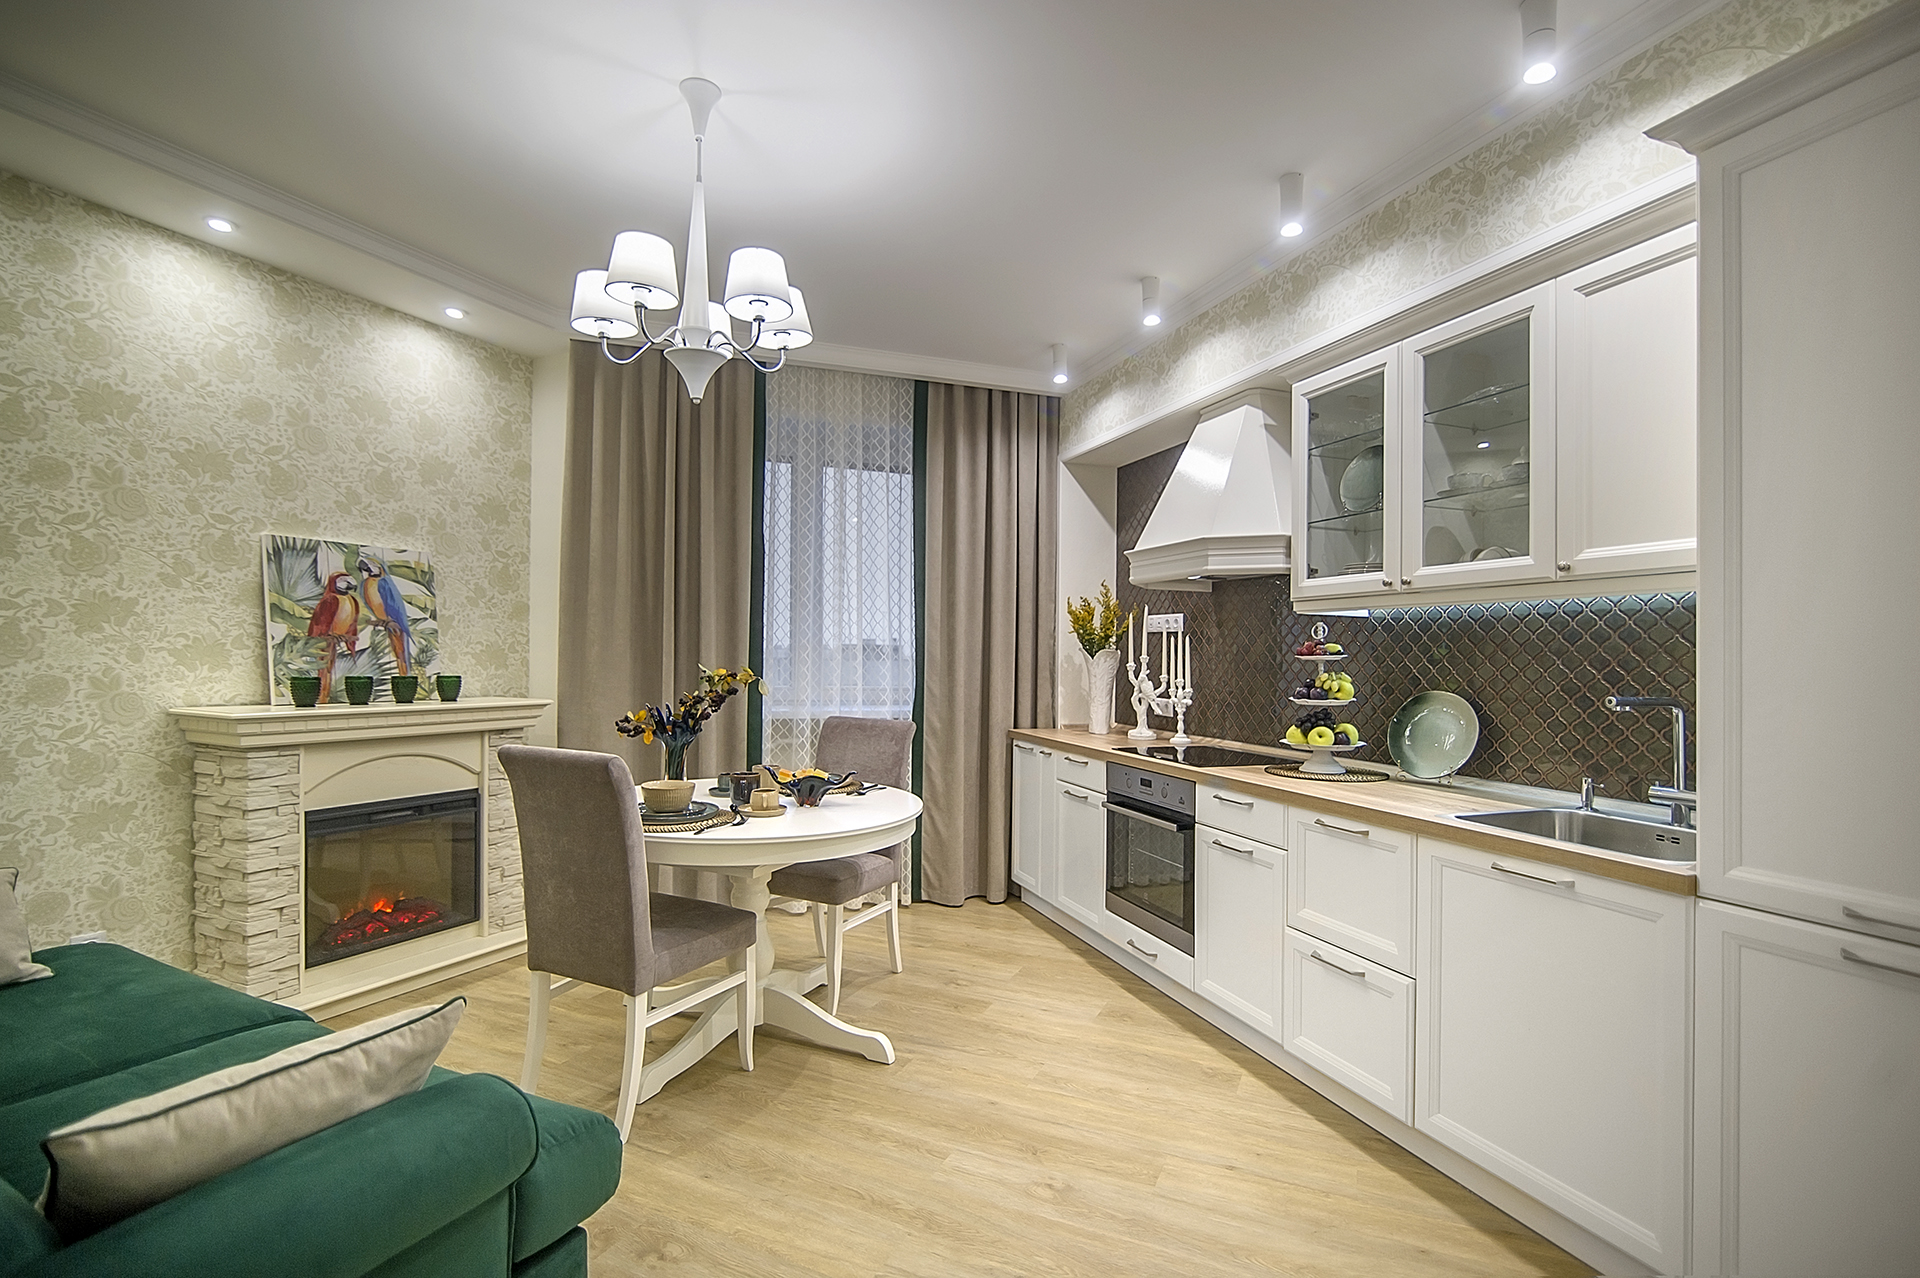 Кухня-гостиная в обрамлении молдинга